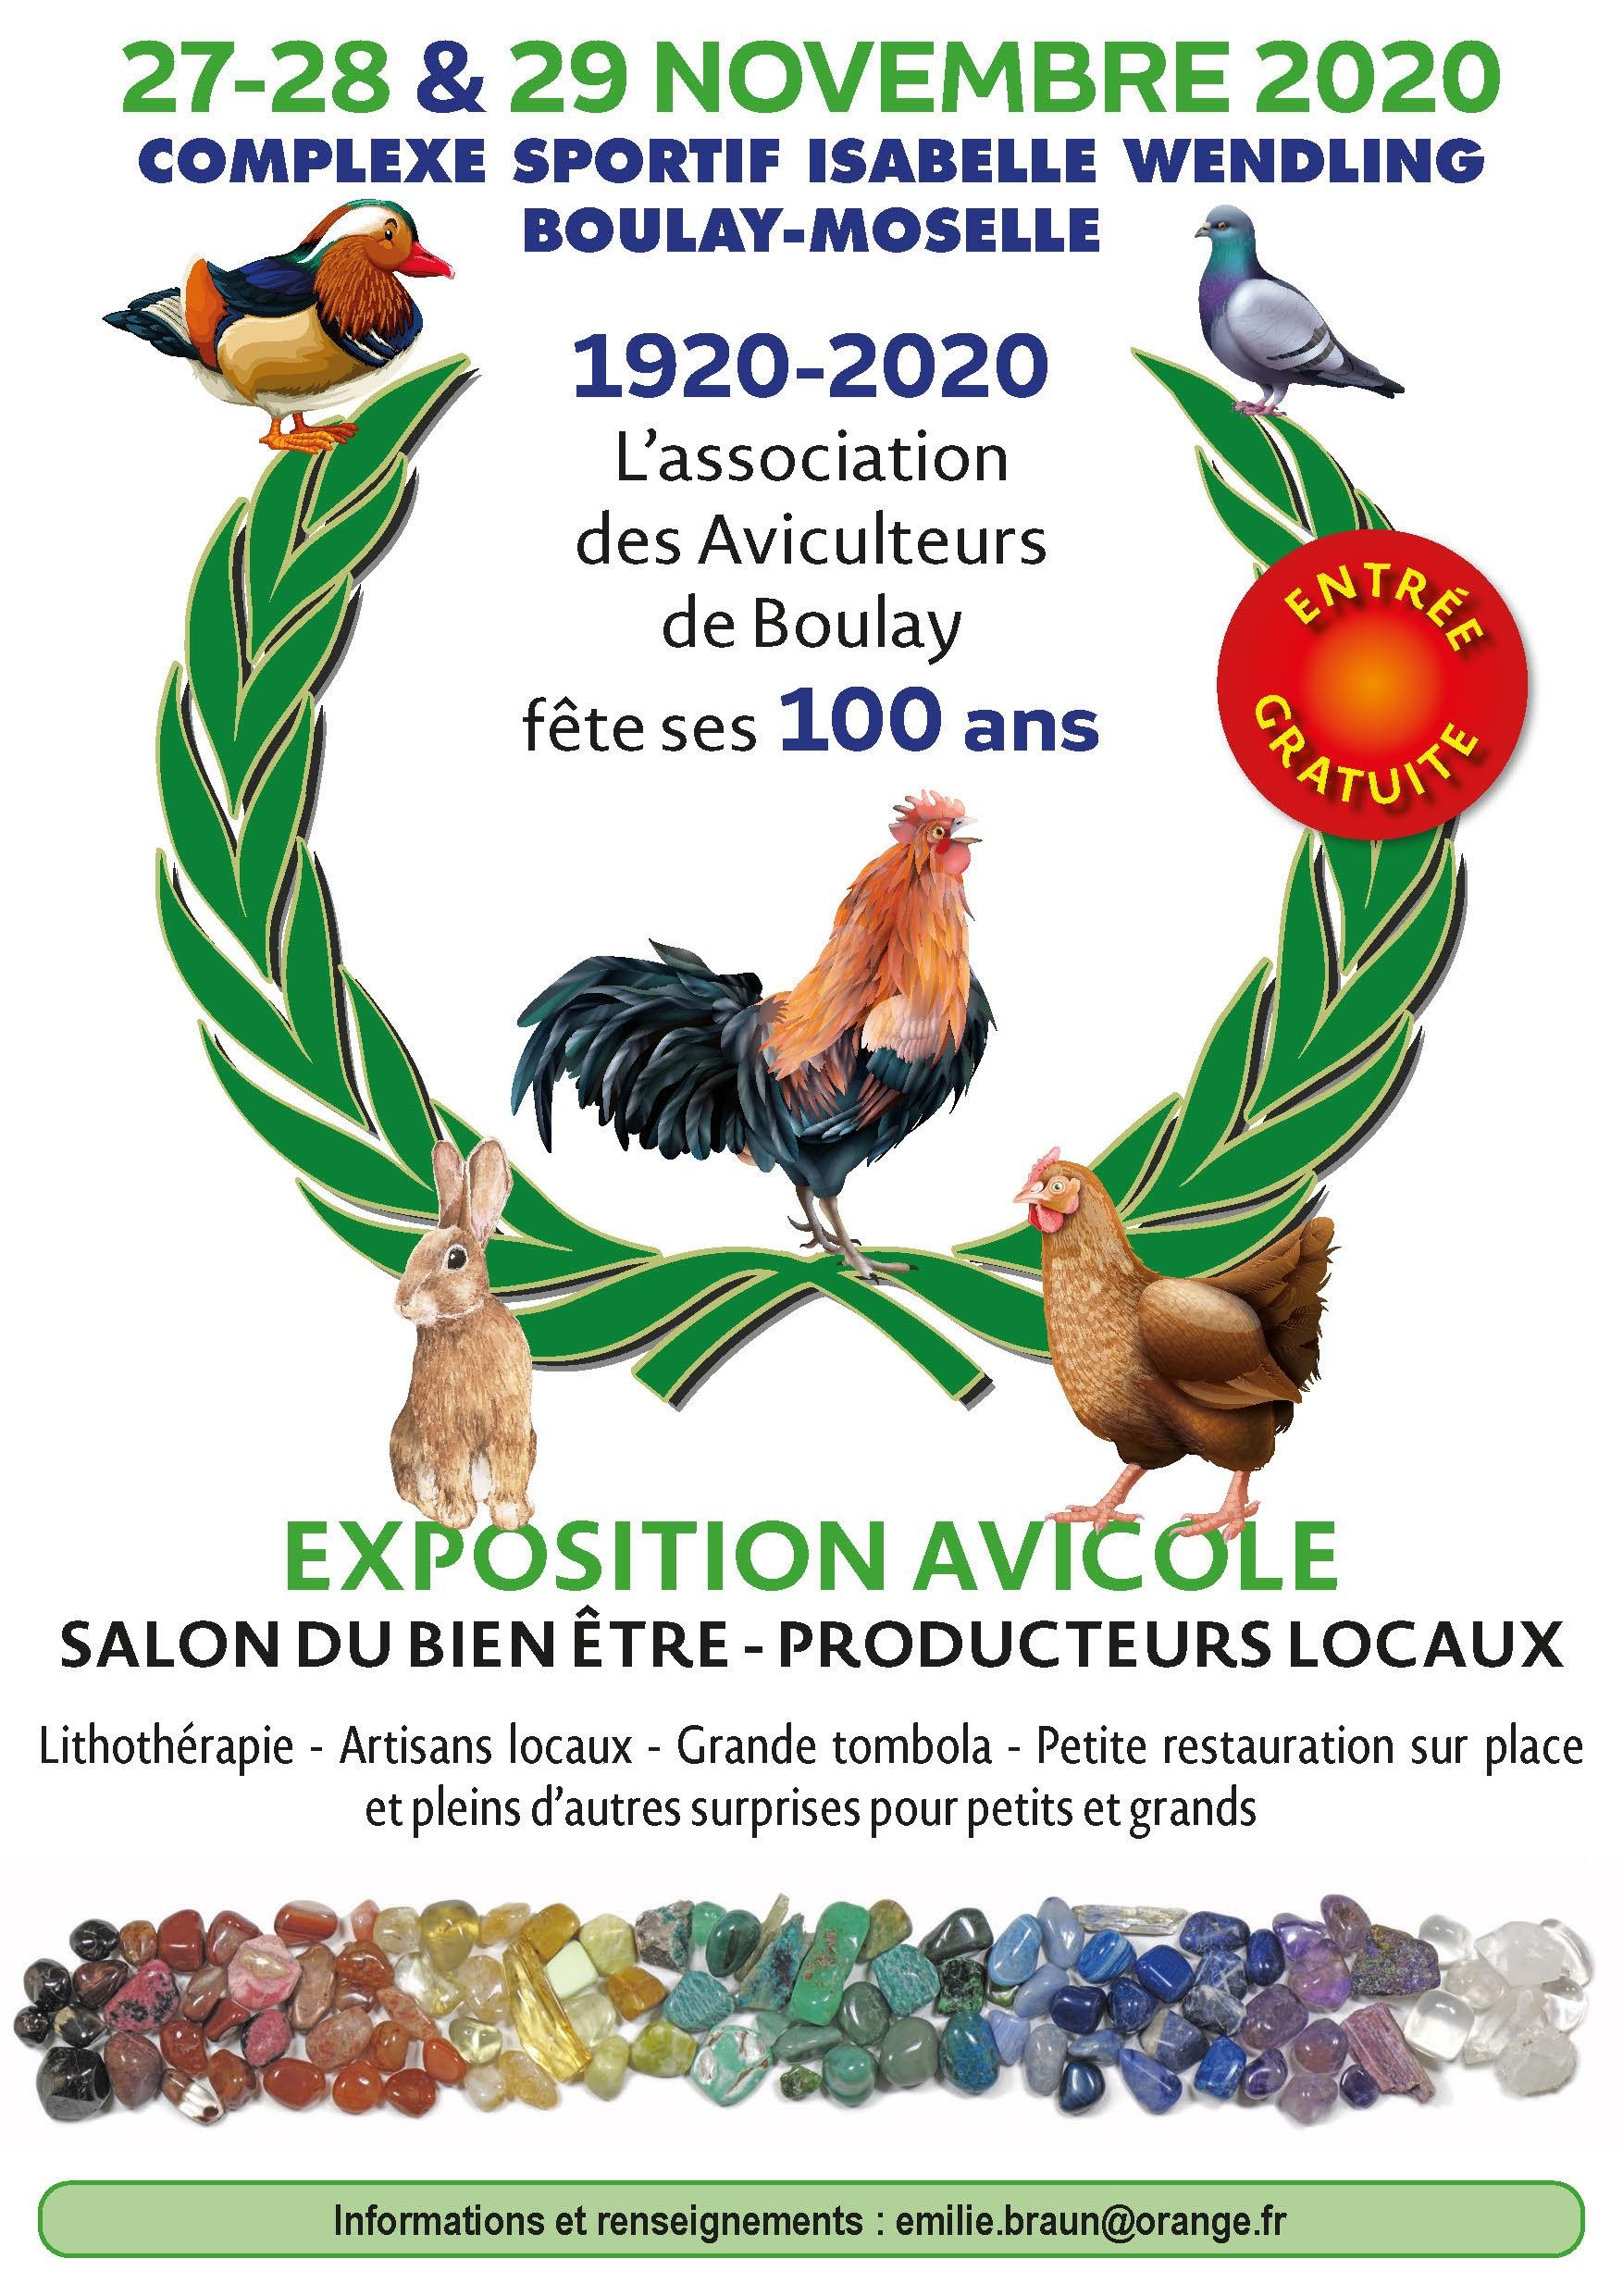 Calendrier Des Expositions Avicoles 2021 Dates et lieux des expositions avicoles